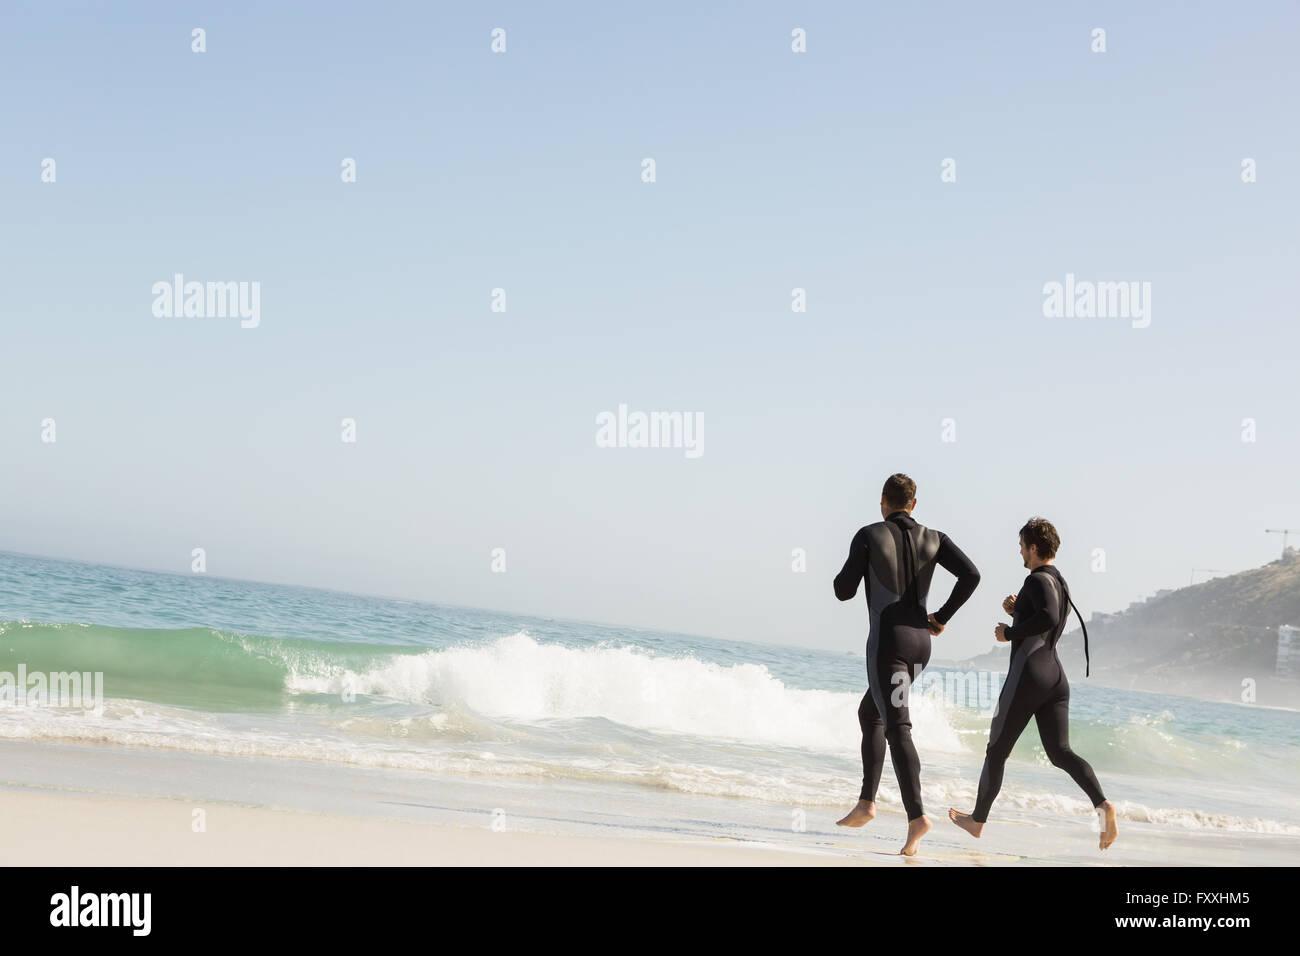 Handsome men running in wetsuits - Stock Image